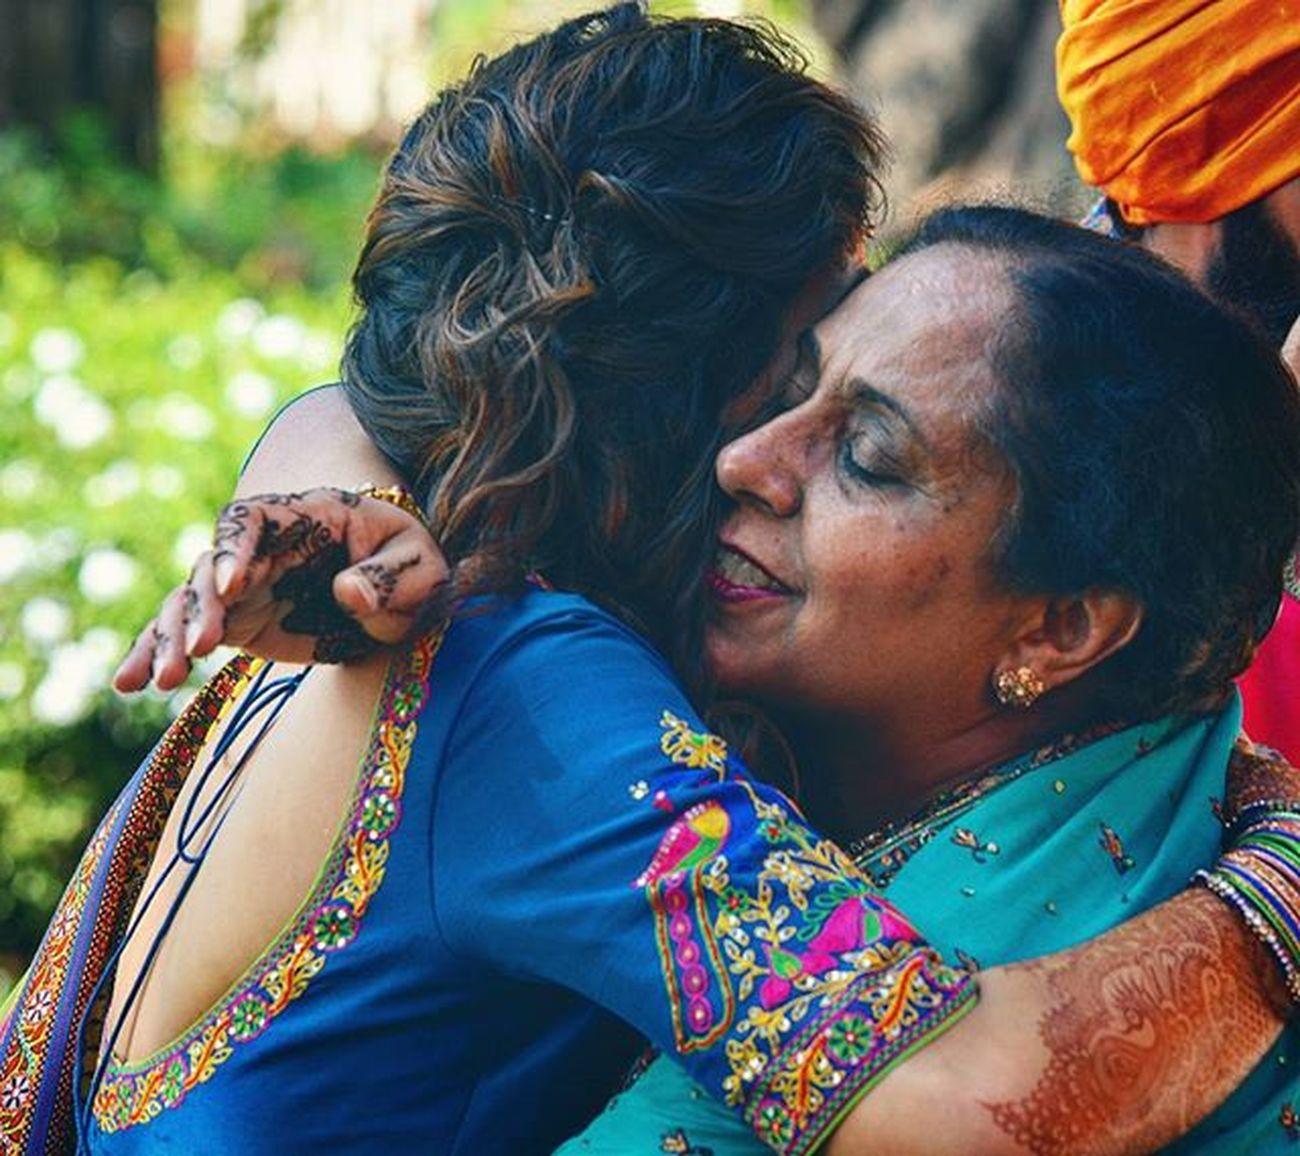 Gagans_photography Instachandigarh Chdtogoa Instapic Aeshkydiwedding